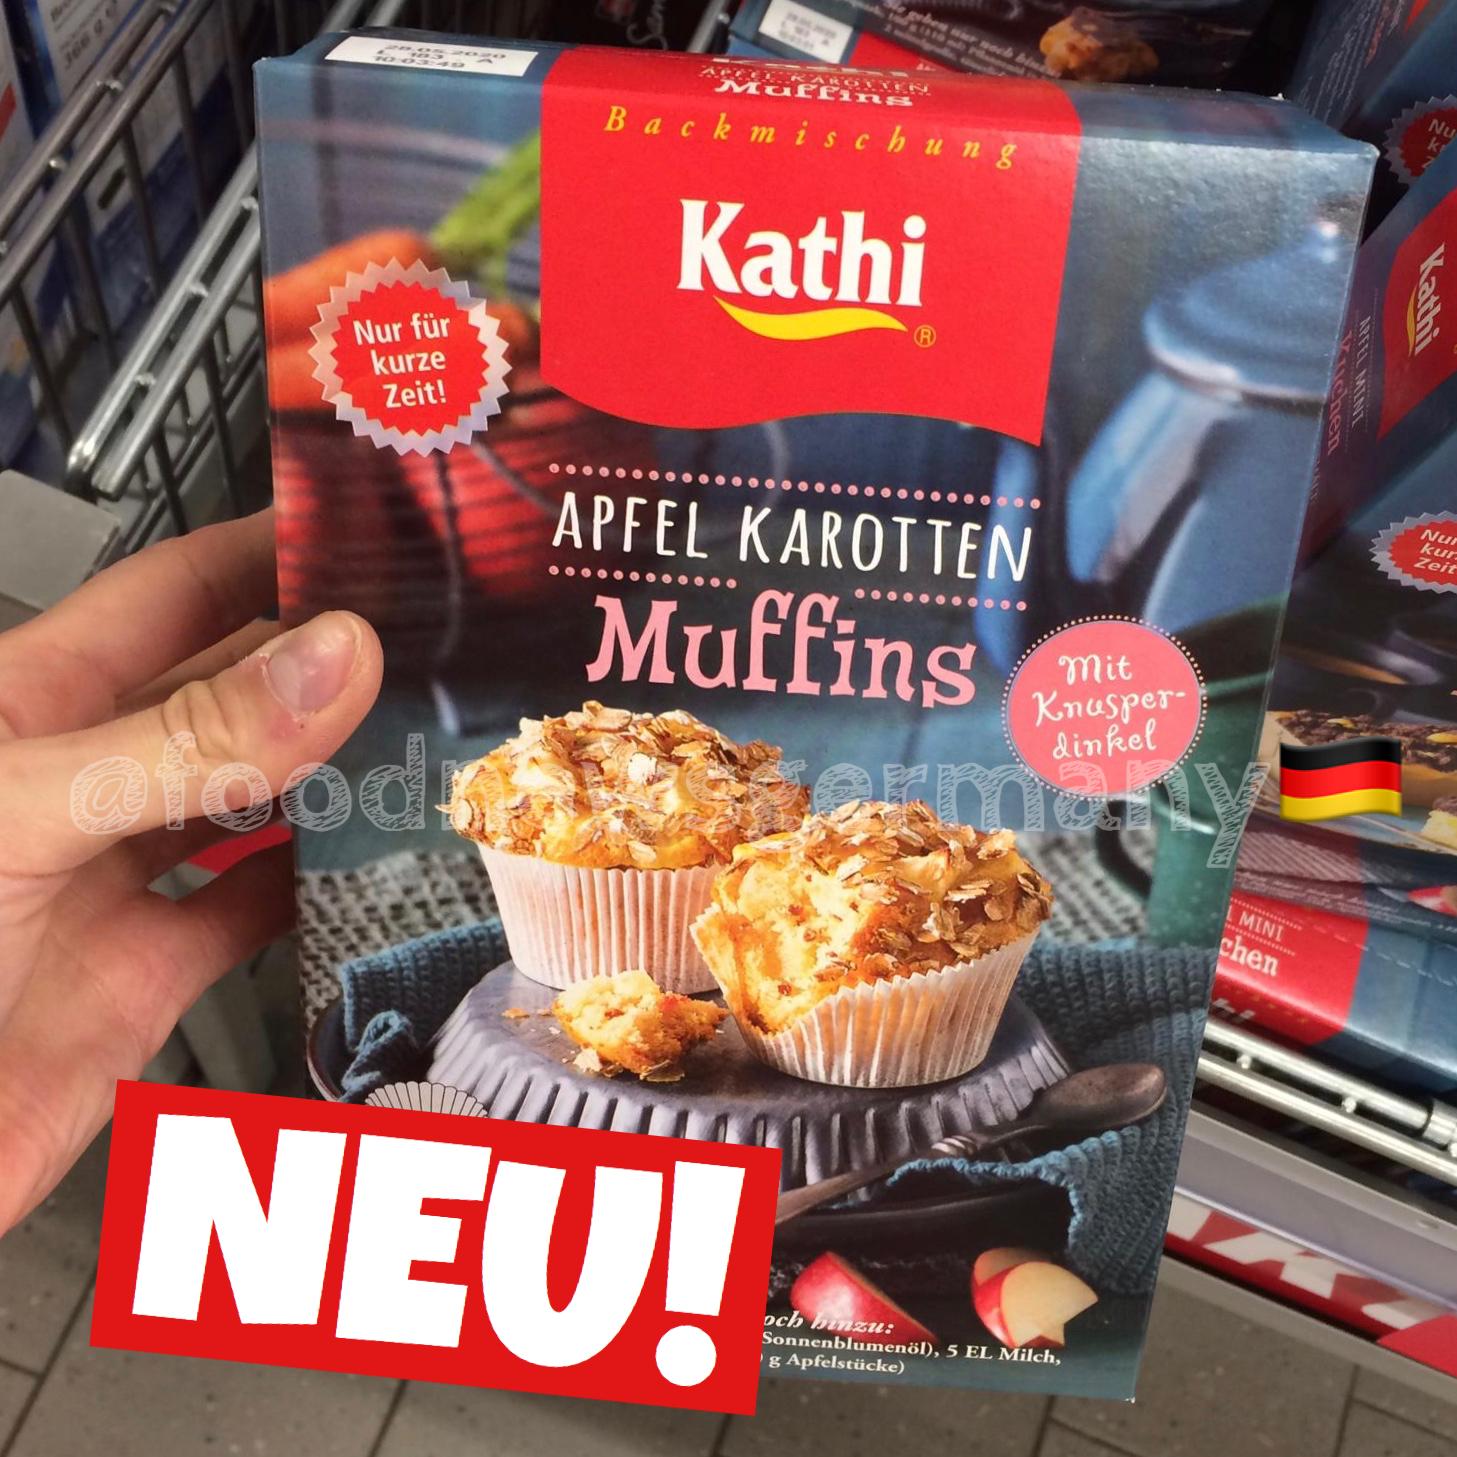 Kathi Apfel Karotten Muffins